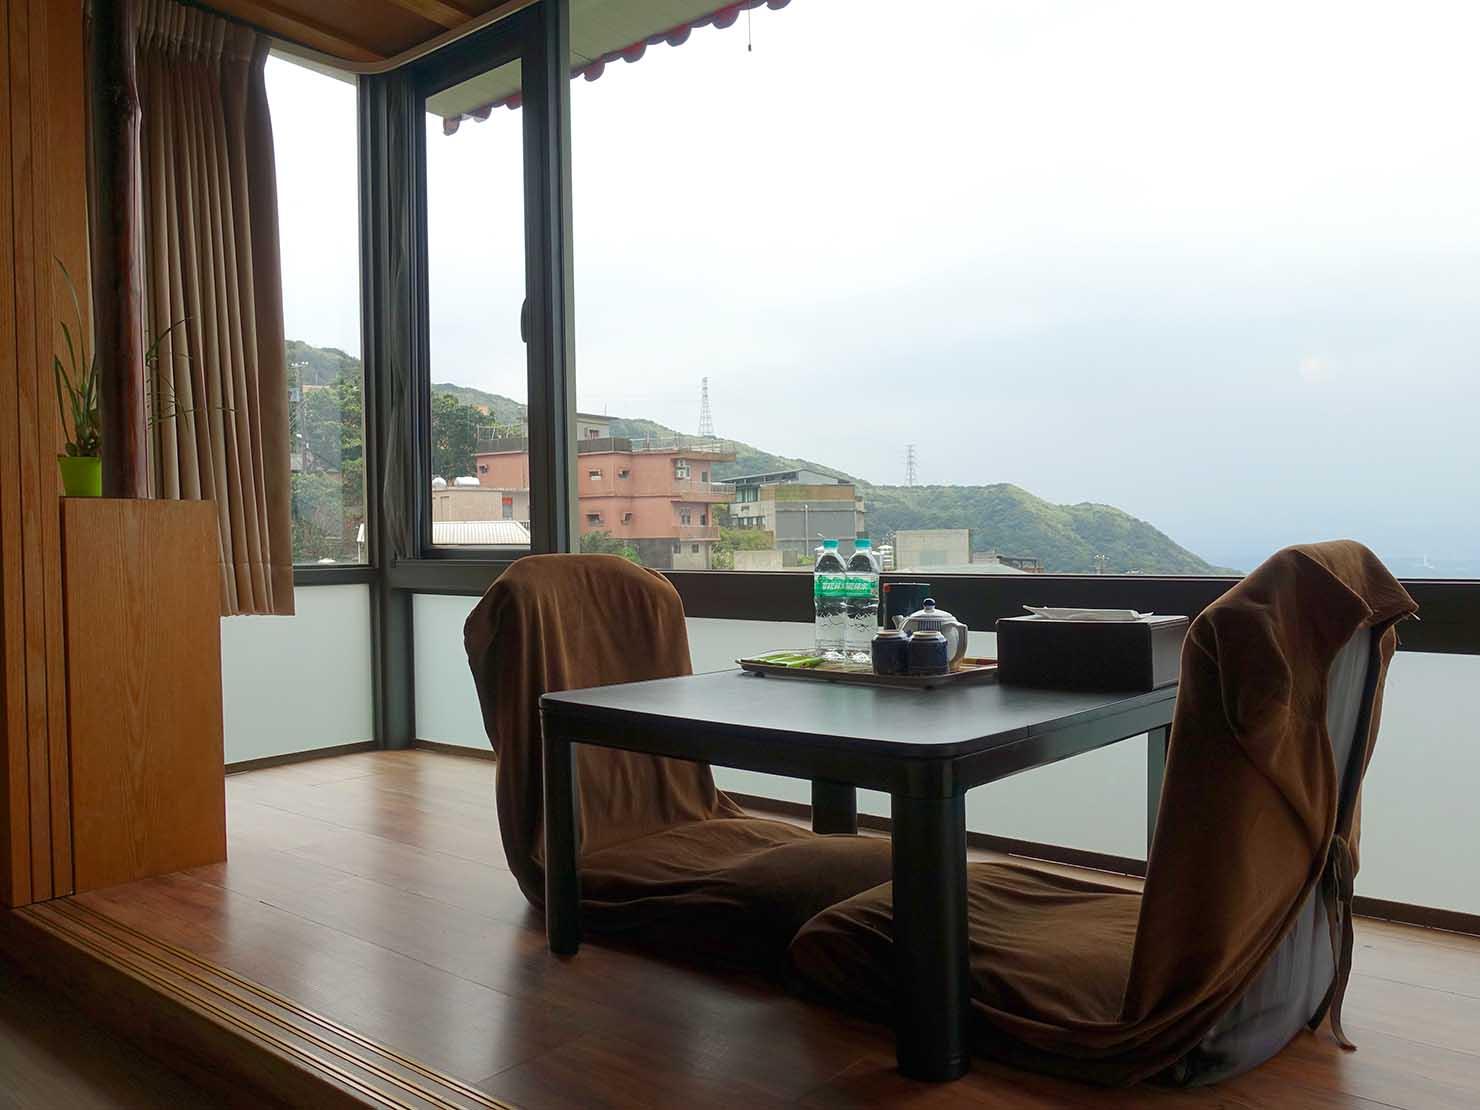 台北・九份のおすすめゲストハウス「九份小町」海景套房(オーシャンビュー・ダブルルーム)窓辺のテーブル